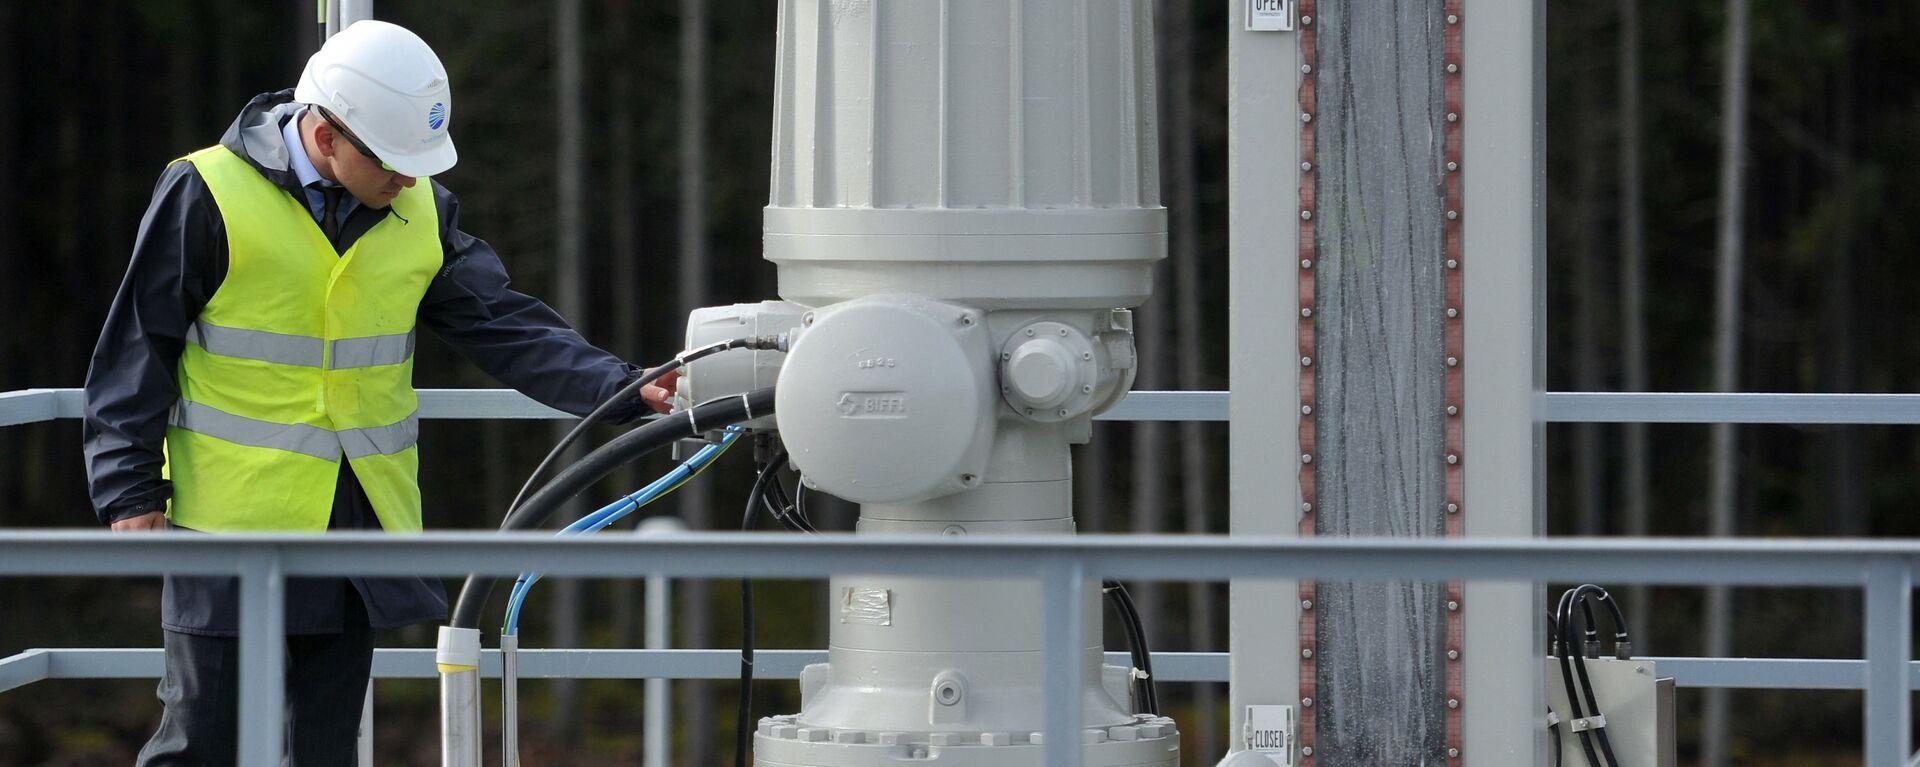 Пуск в эксплуатацию второй ветки газопровода Северный поток - Sputnik Латвия, 1920, 24.10.2016